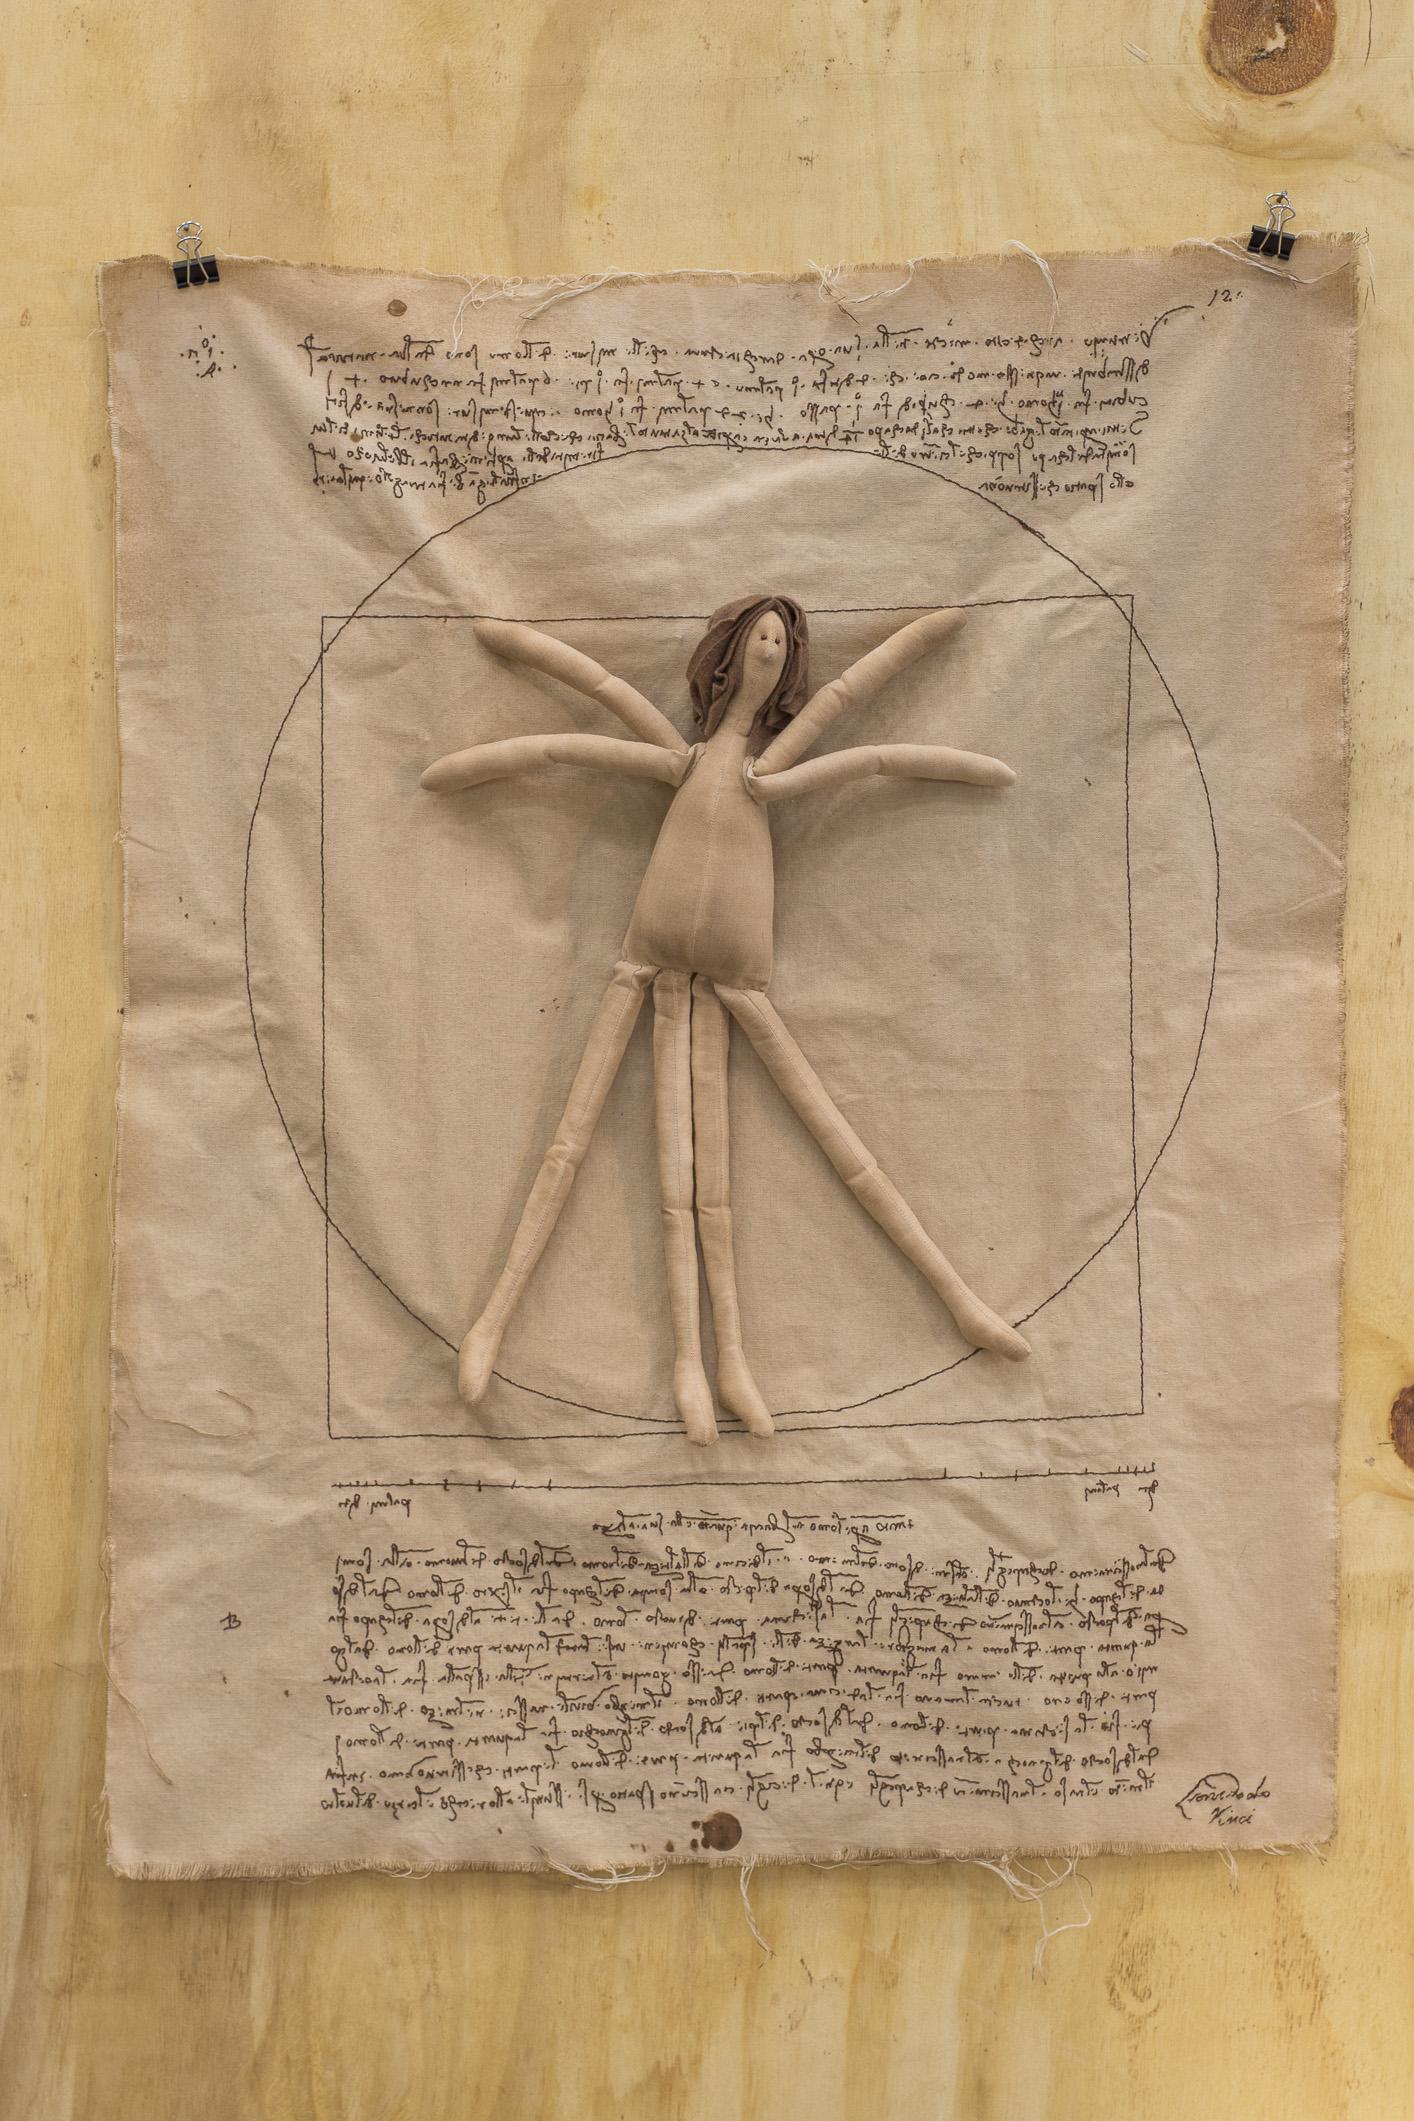 """Releitura de """"O Homem Vitruviano"""", de Leonardo da Vinci, por Andréia Kusaba"""